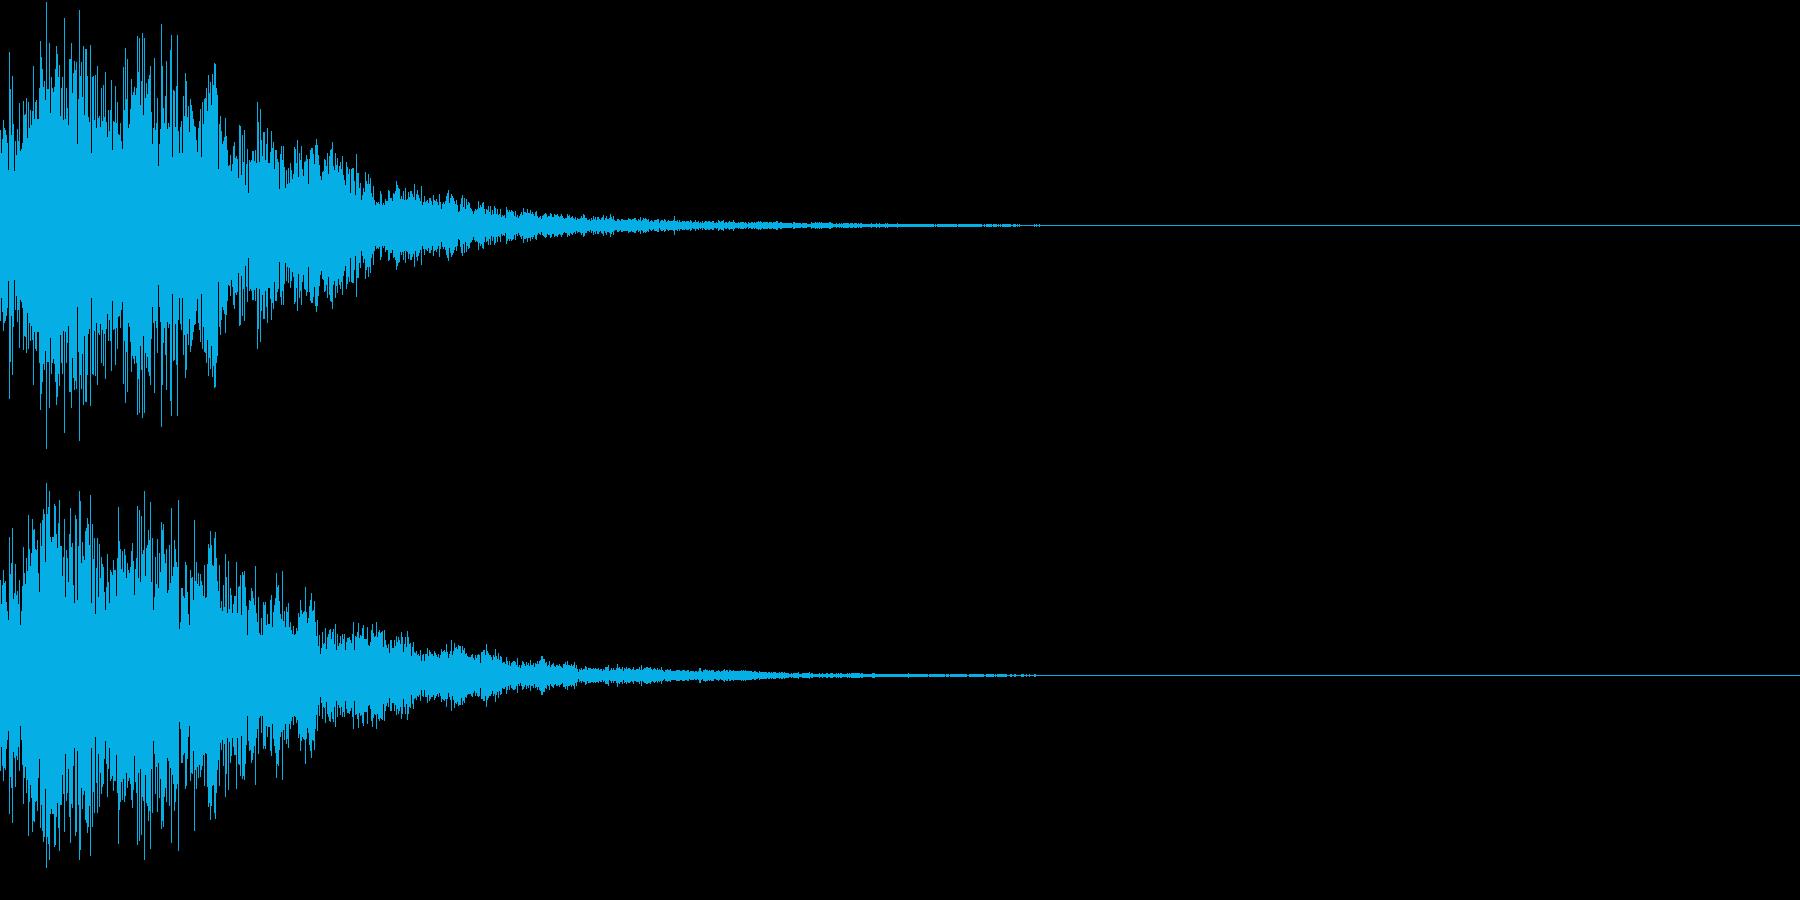 プッチーン(感情:怒る)の再生済みの波形